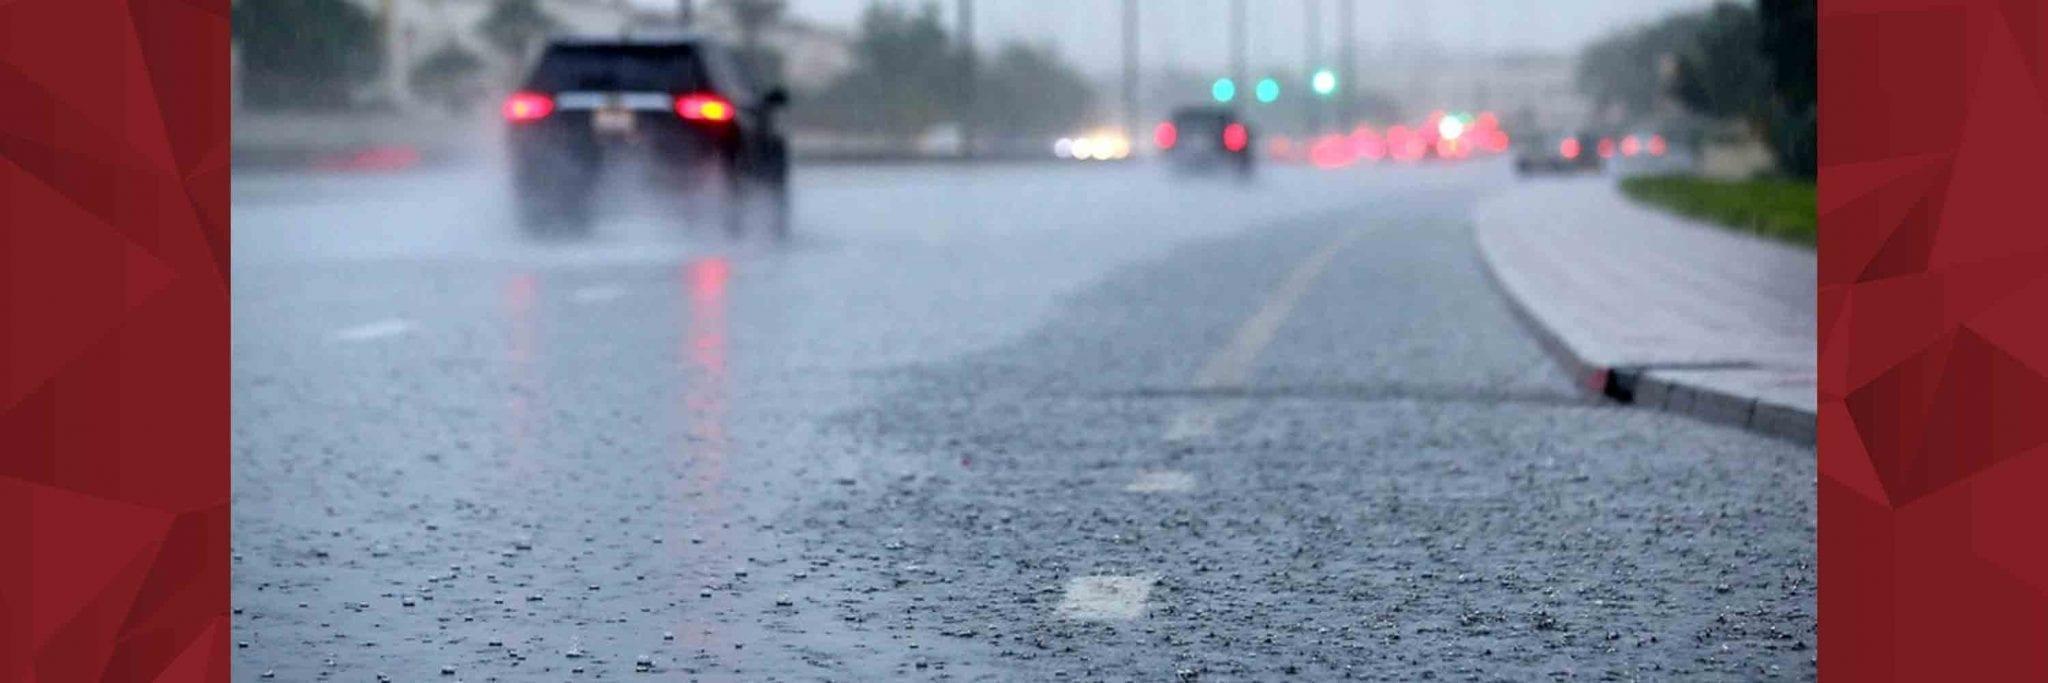 UAE-rainfall-record